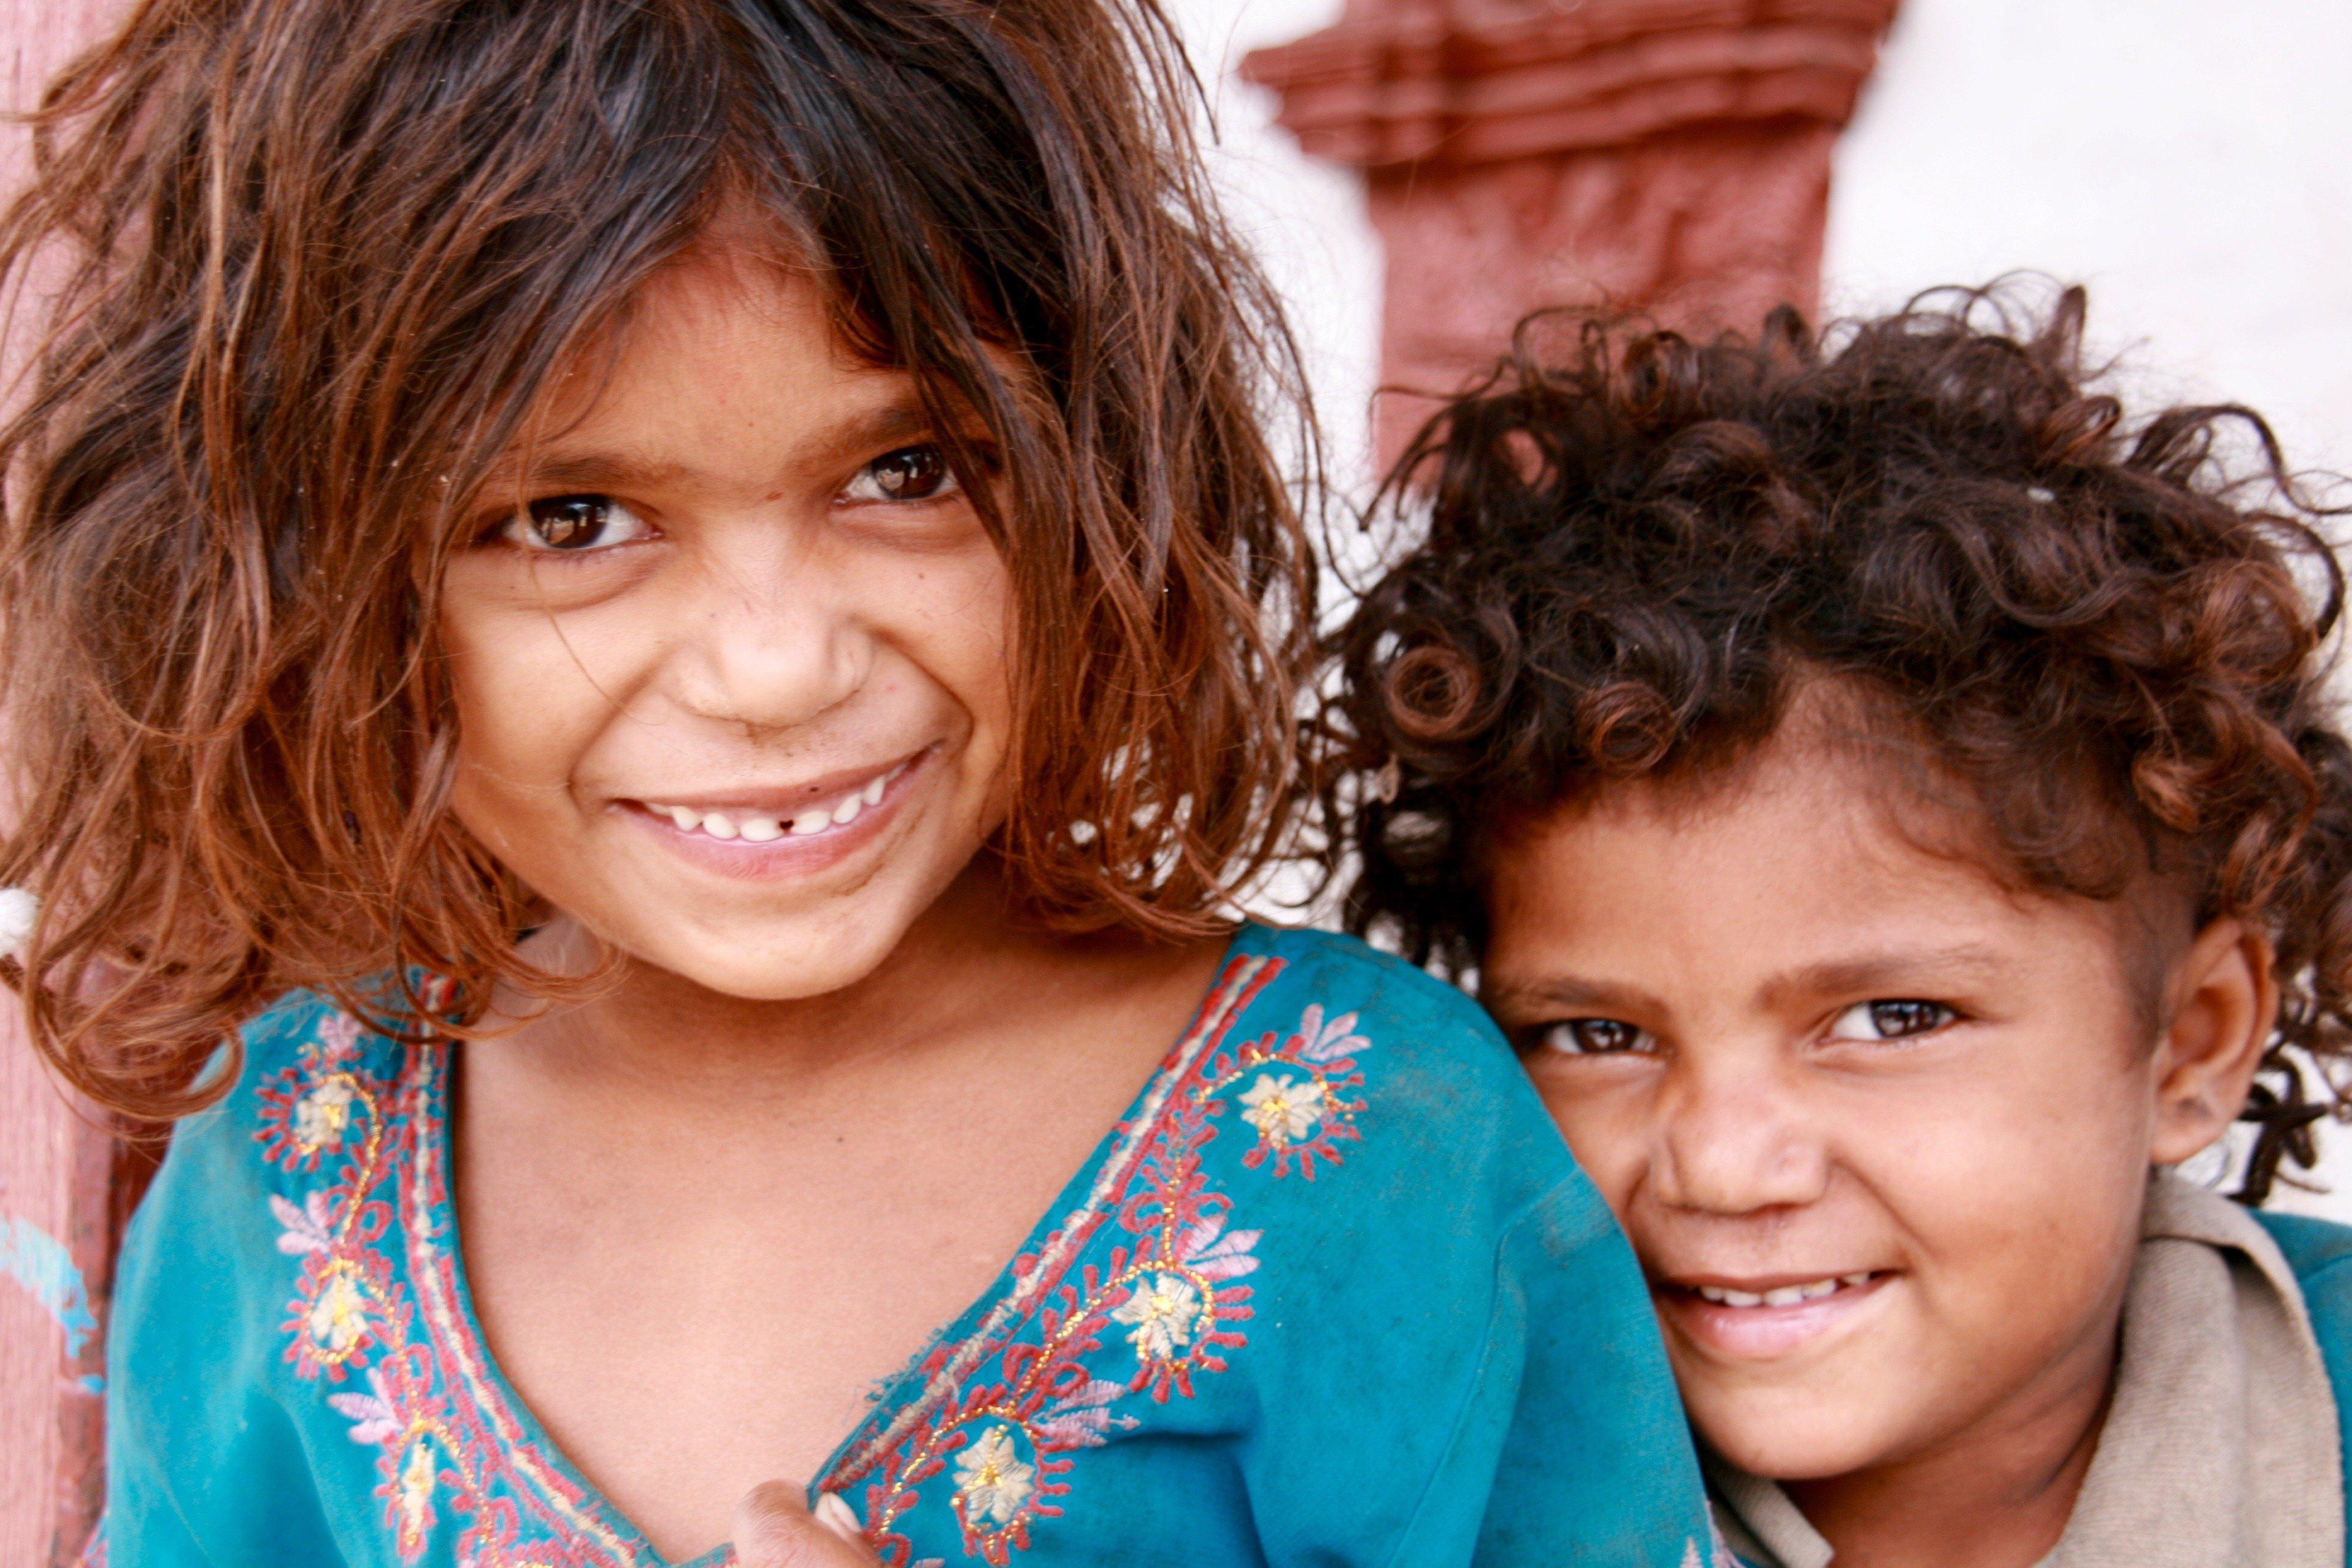 Nepal: Kindliche Lebensfreude findet man auch in den ärmsten Ländern © Susanne Frank